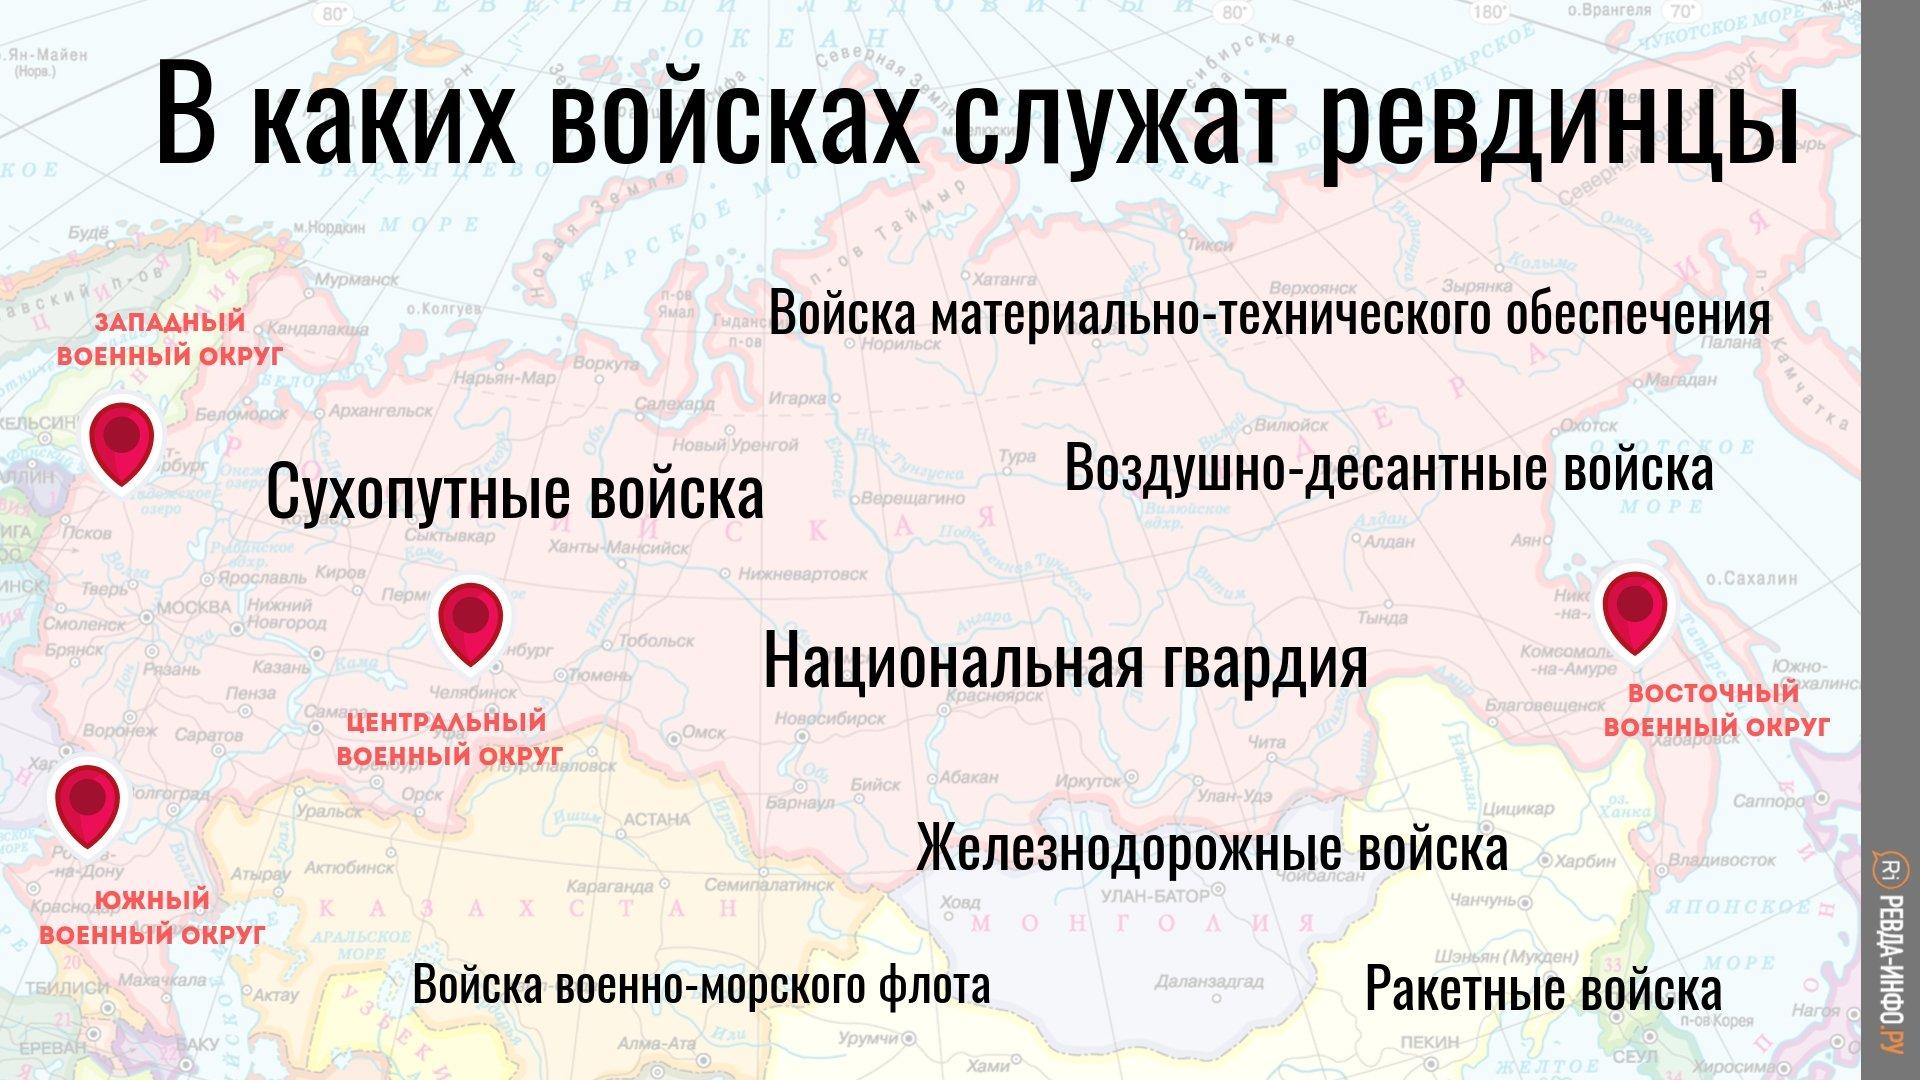 Gde-obychno-sluzhat-revdintsy-1